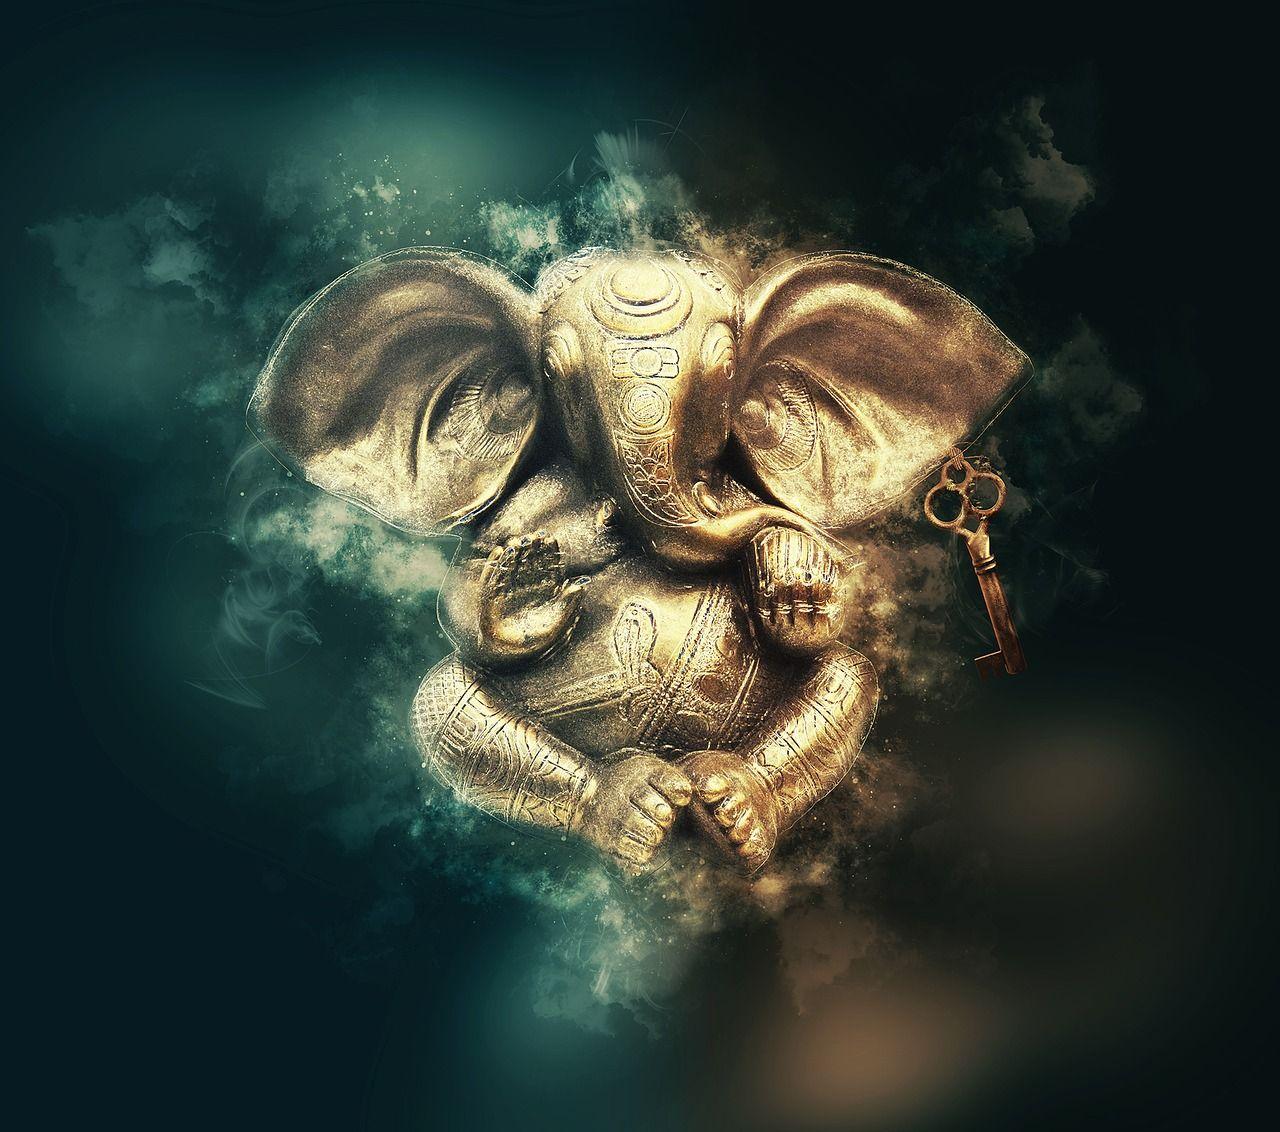 vieille légende hindoue